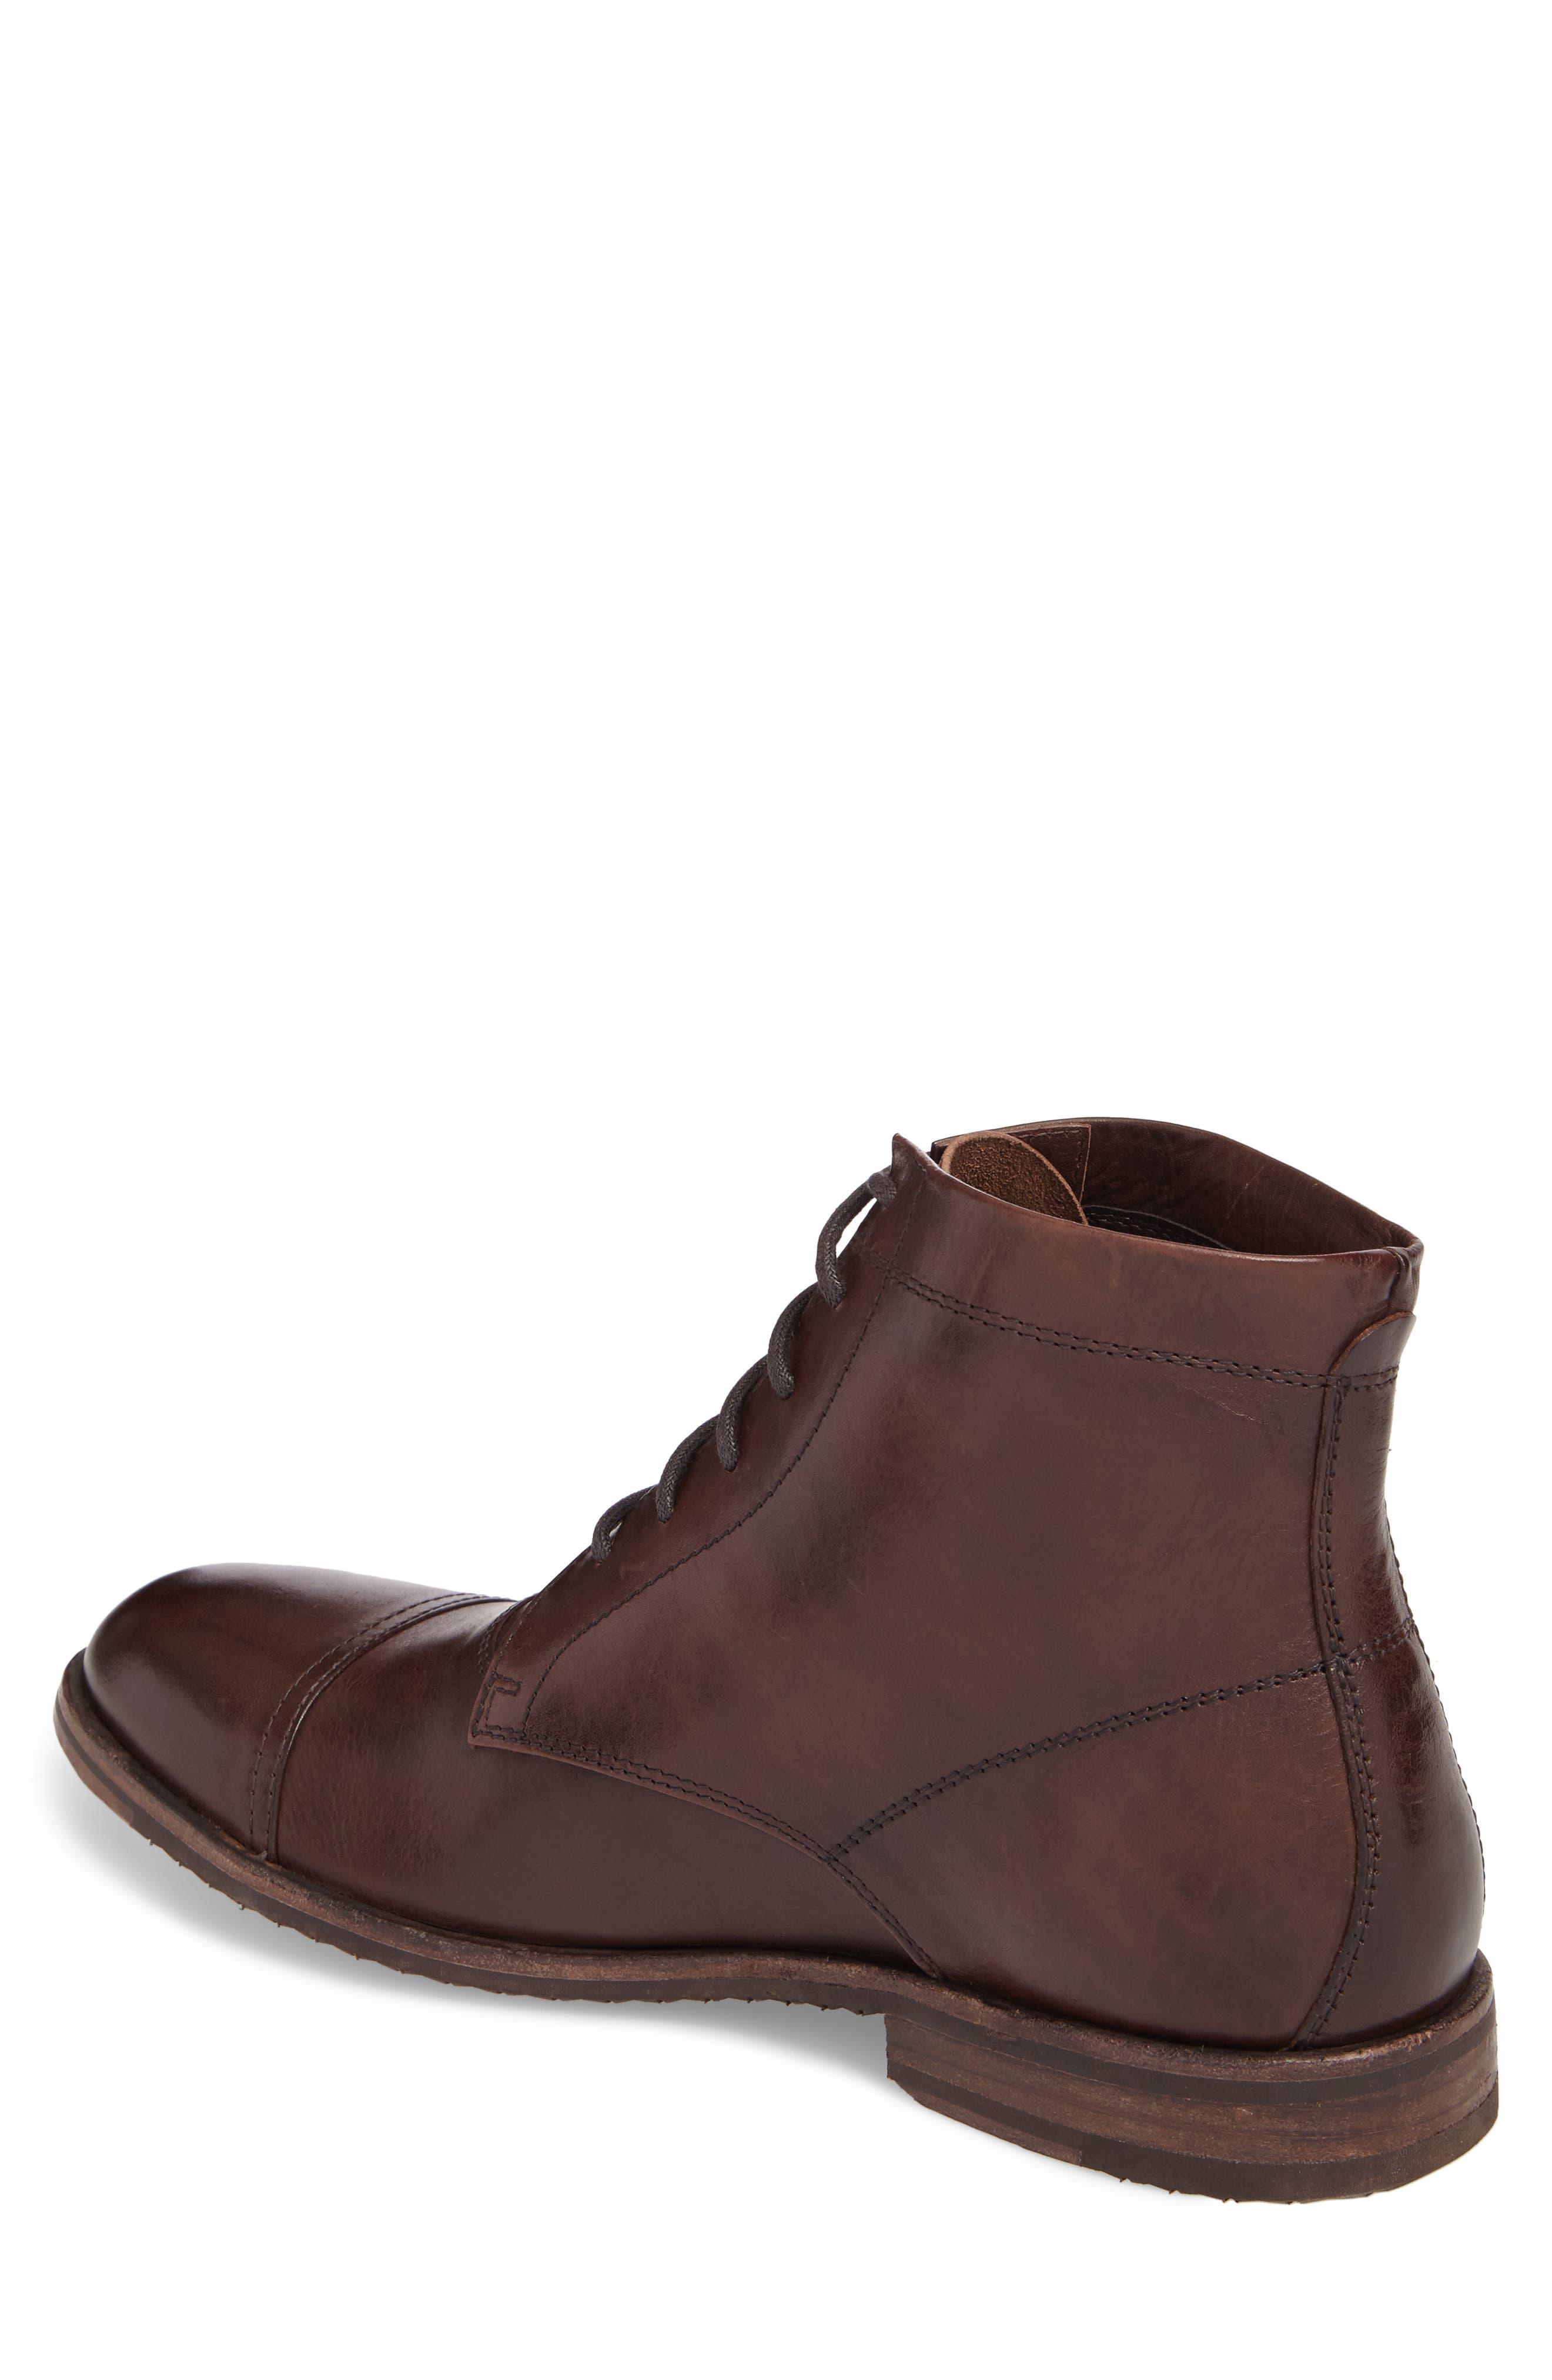 Alternate Image 2  - Frye Sam Cap Toe Boot (Men)